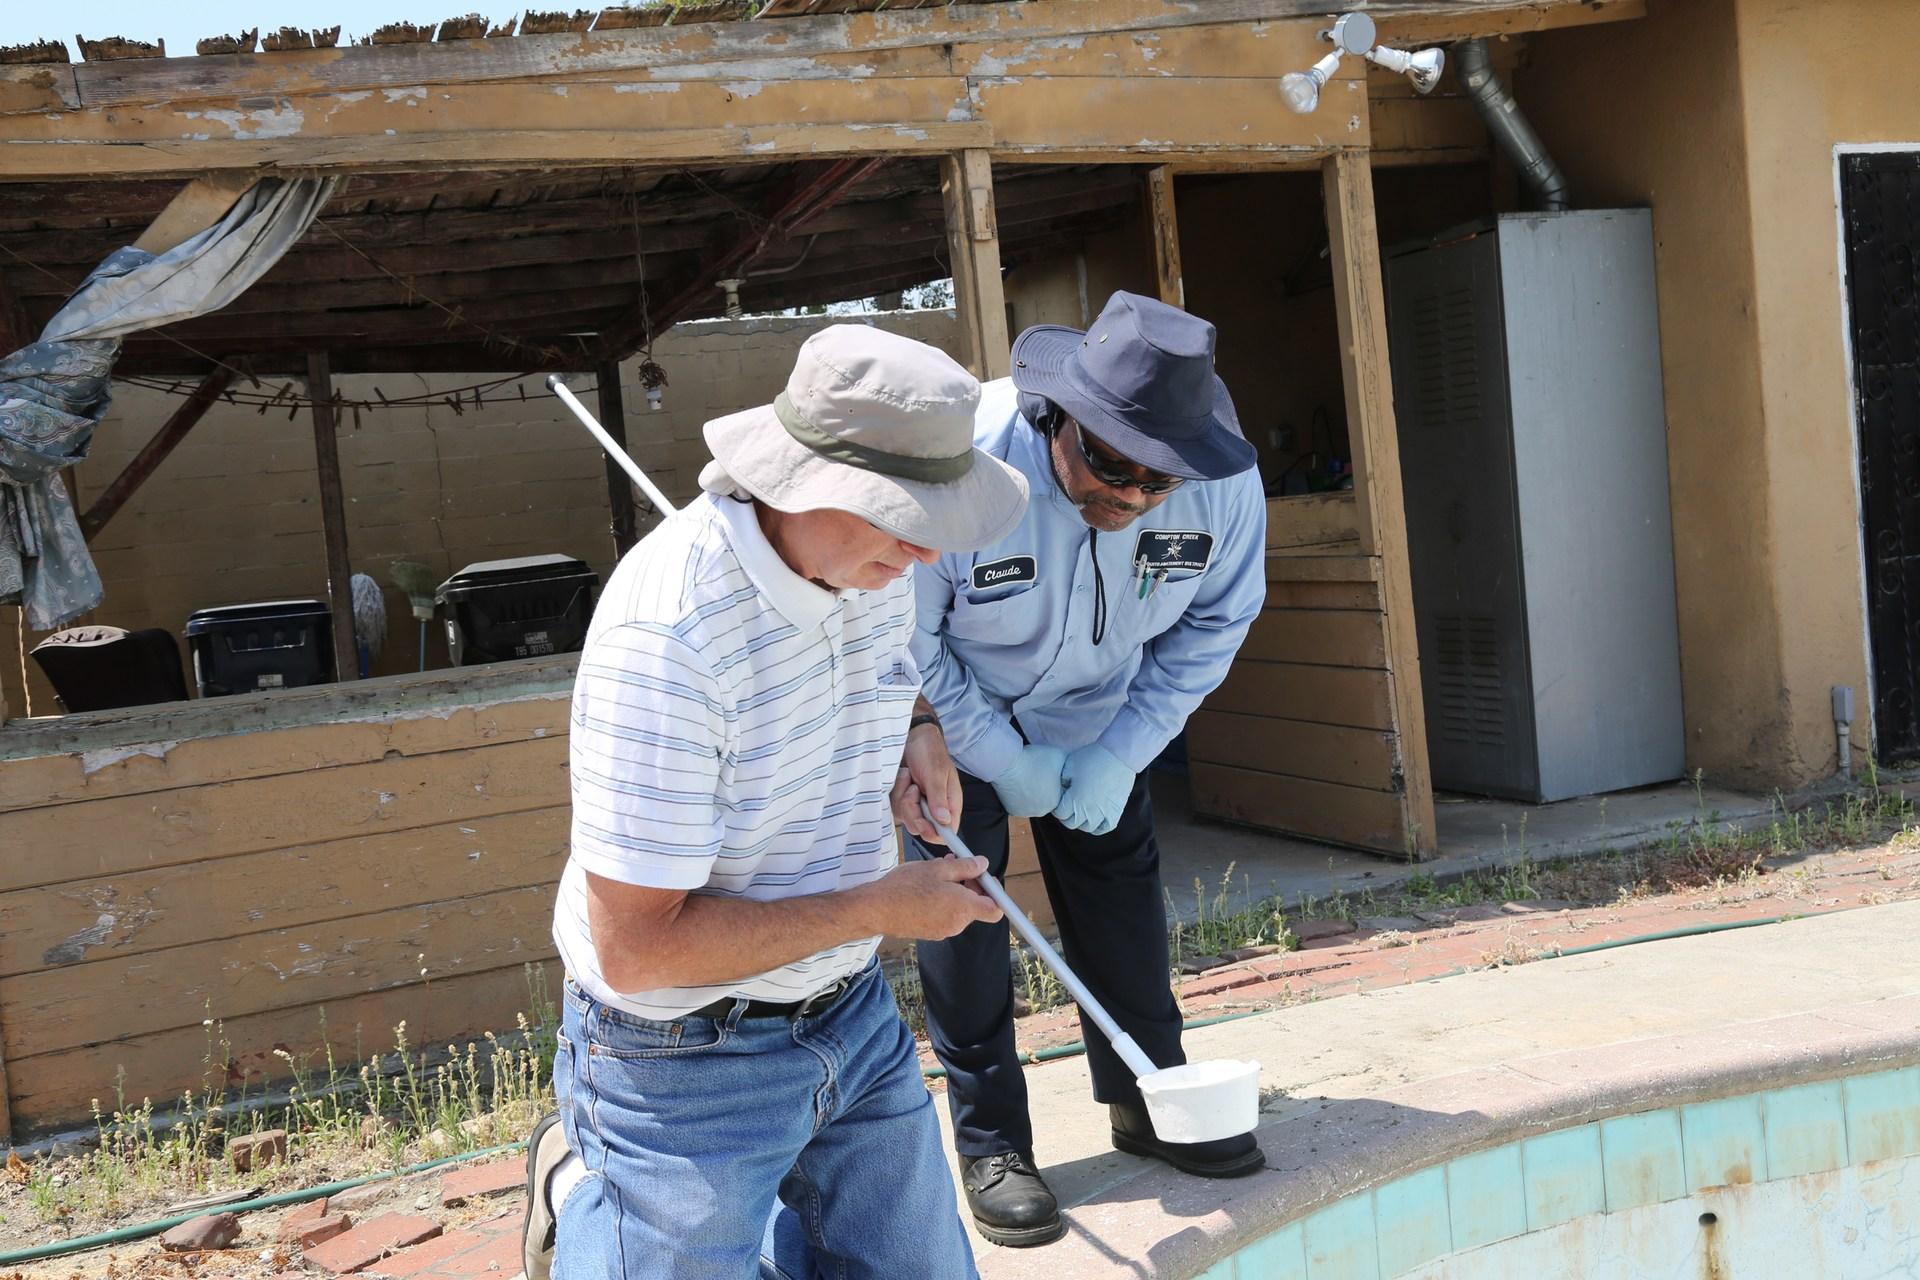 Men examine pool